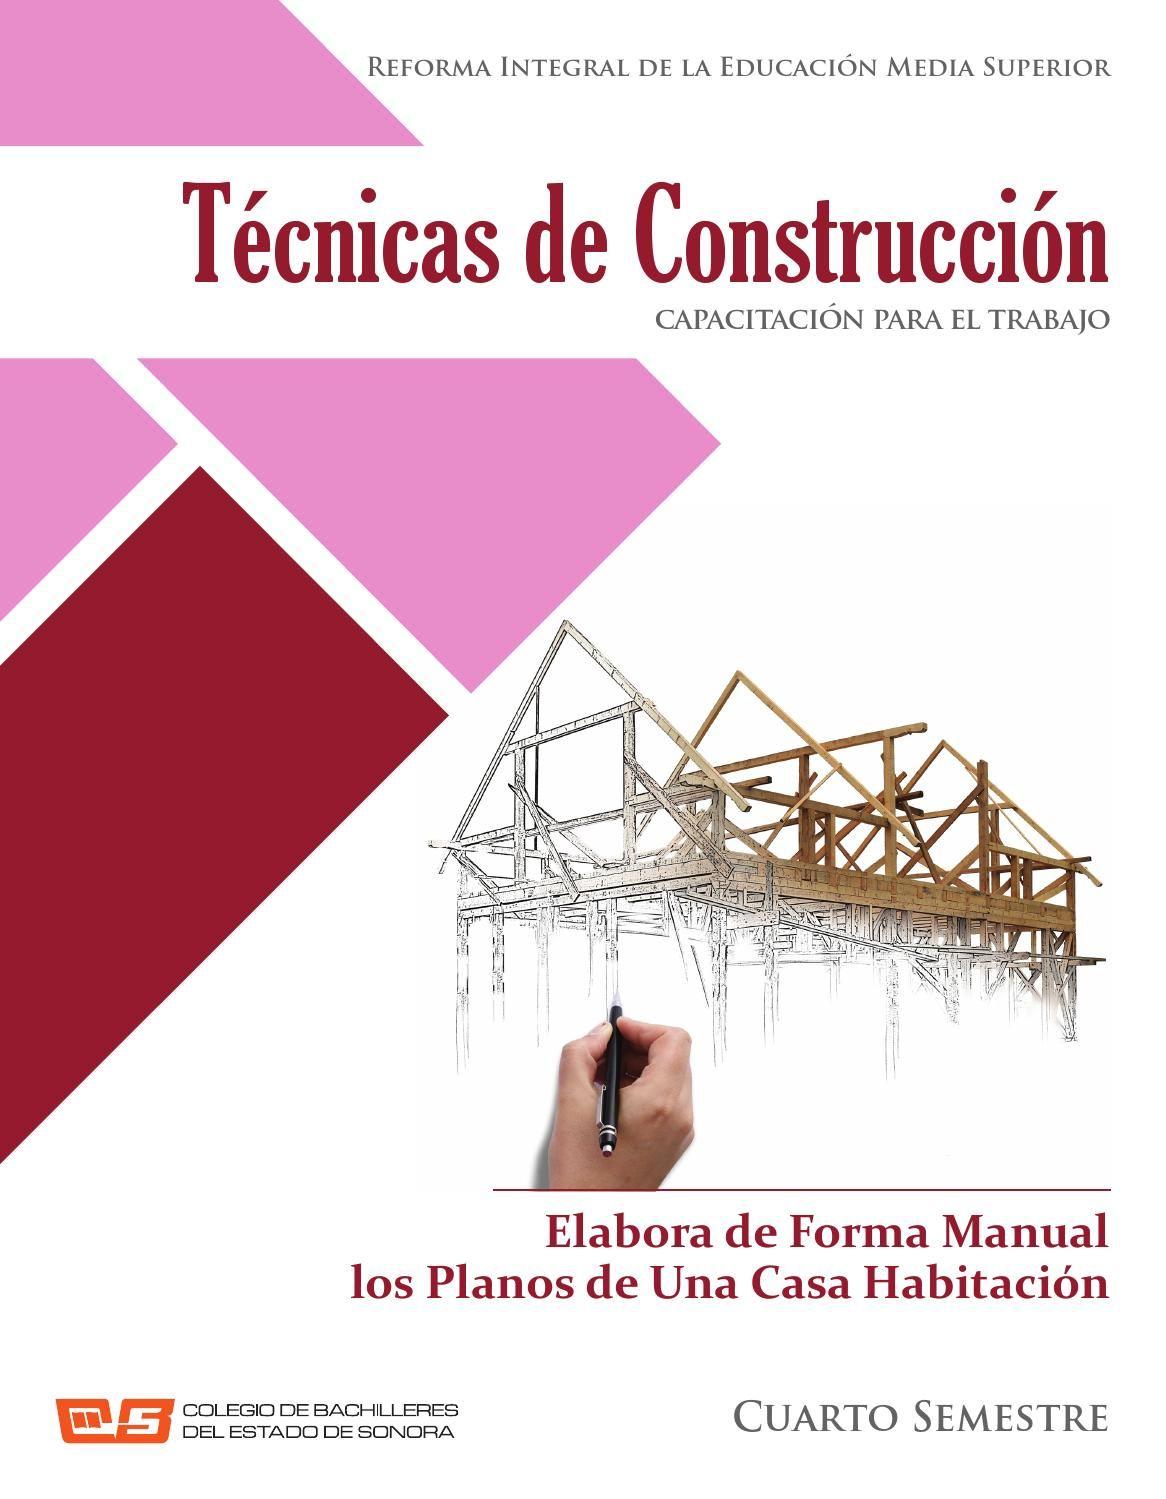 Elabora De Forma Manual Los Planos De Una Casa Habitación